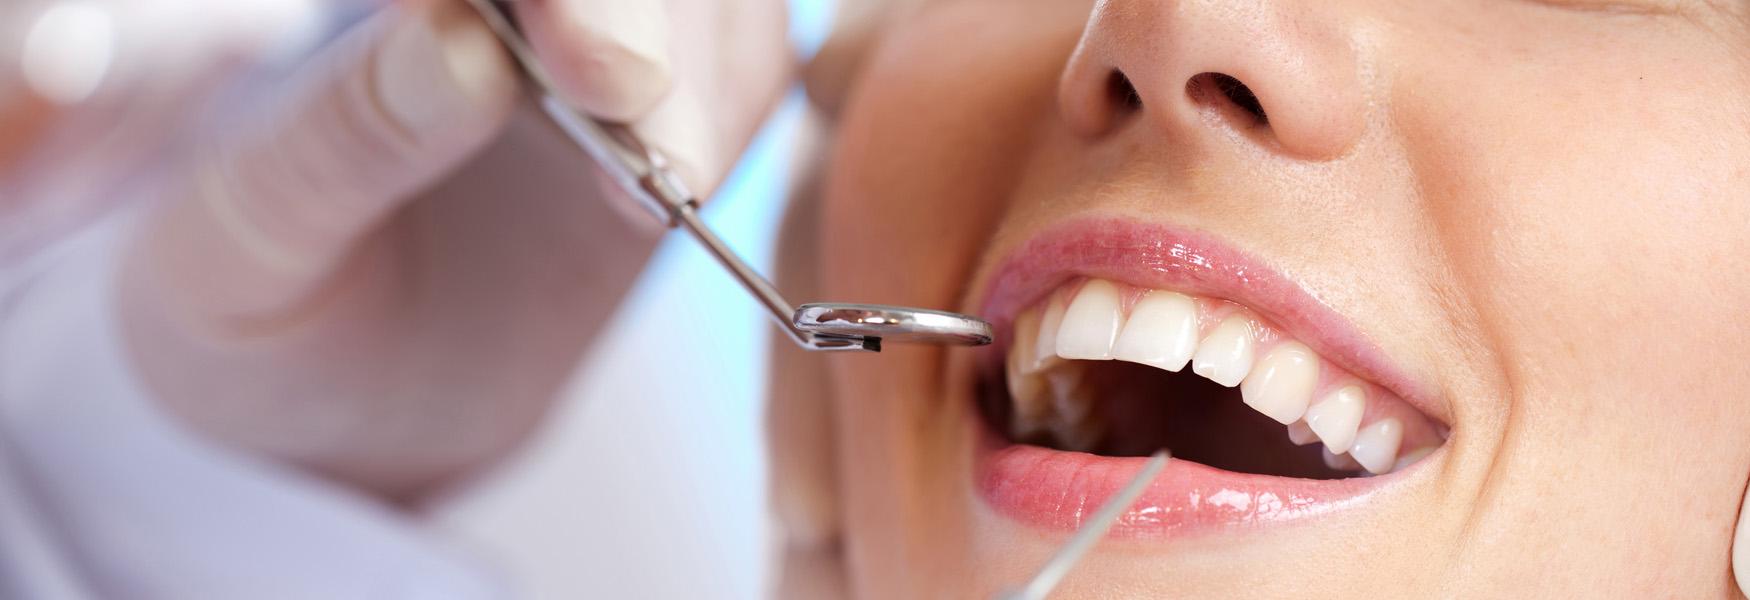 Mejores dentistas en Zarautz